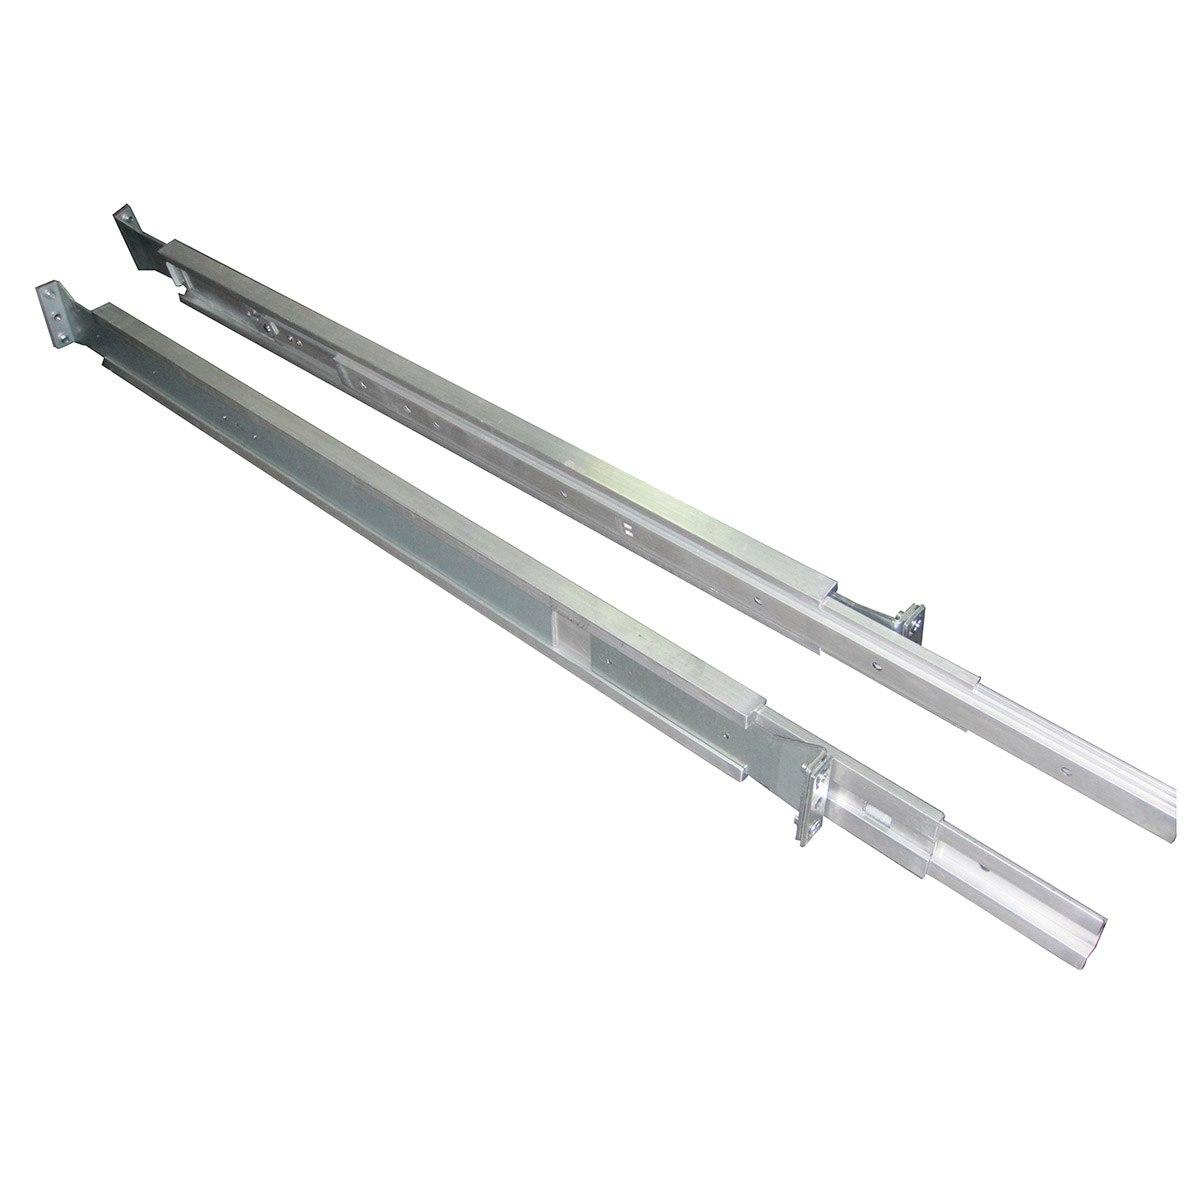 TGC Chassis Accessory Metal Slide Rails 600MM For TGC 1U Chassis (LS)